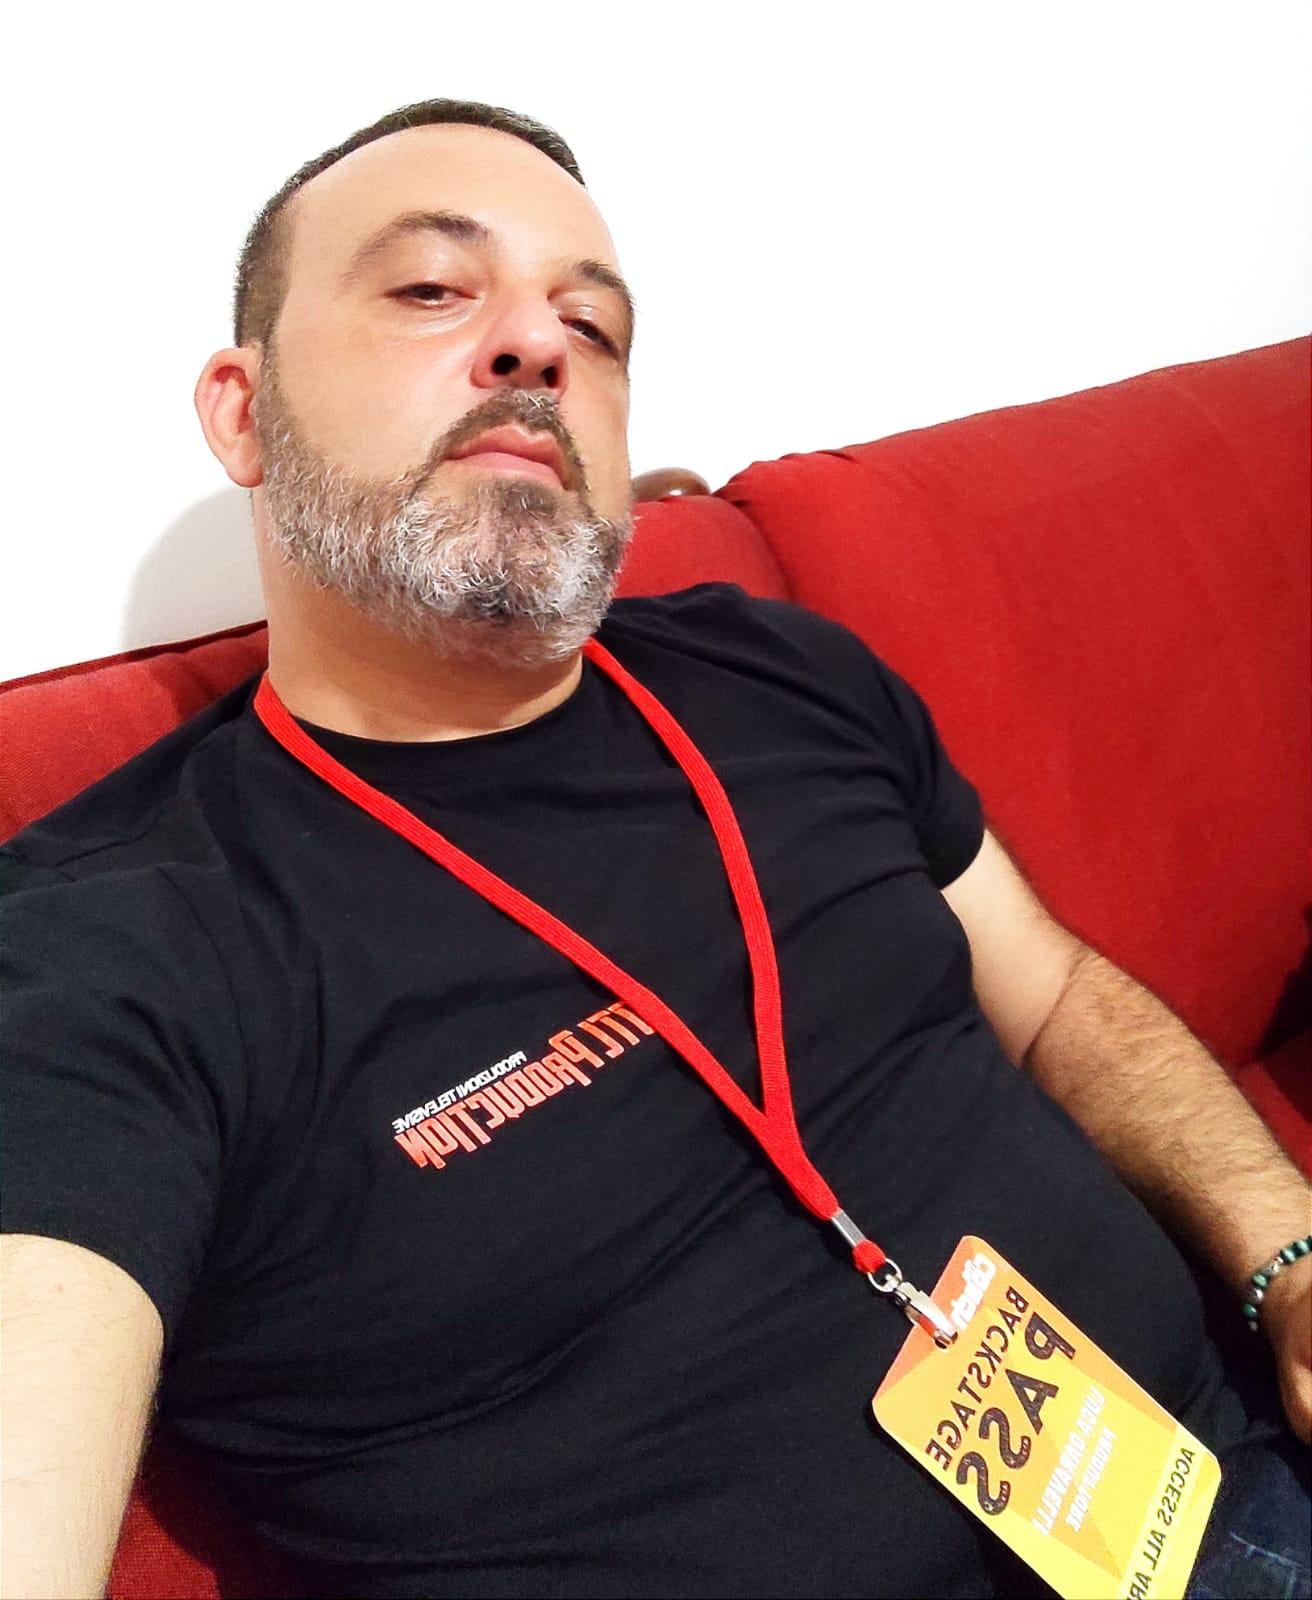 """Luca Garavelli ideatore del talent show """" """"The Coach""""su 7 Gold ecco le curiosità"""